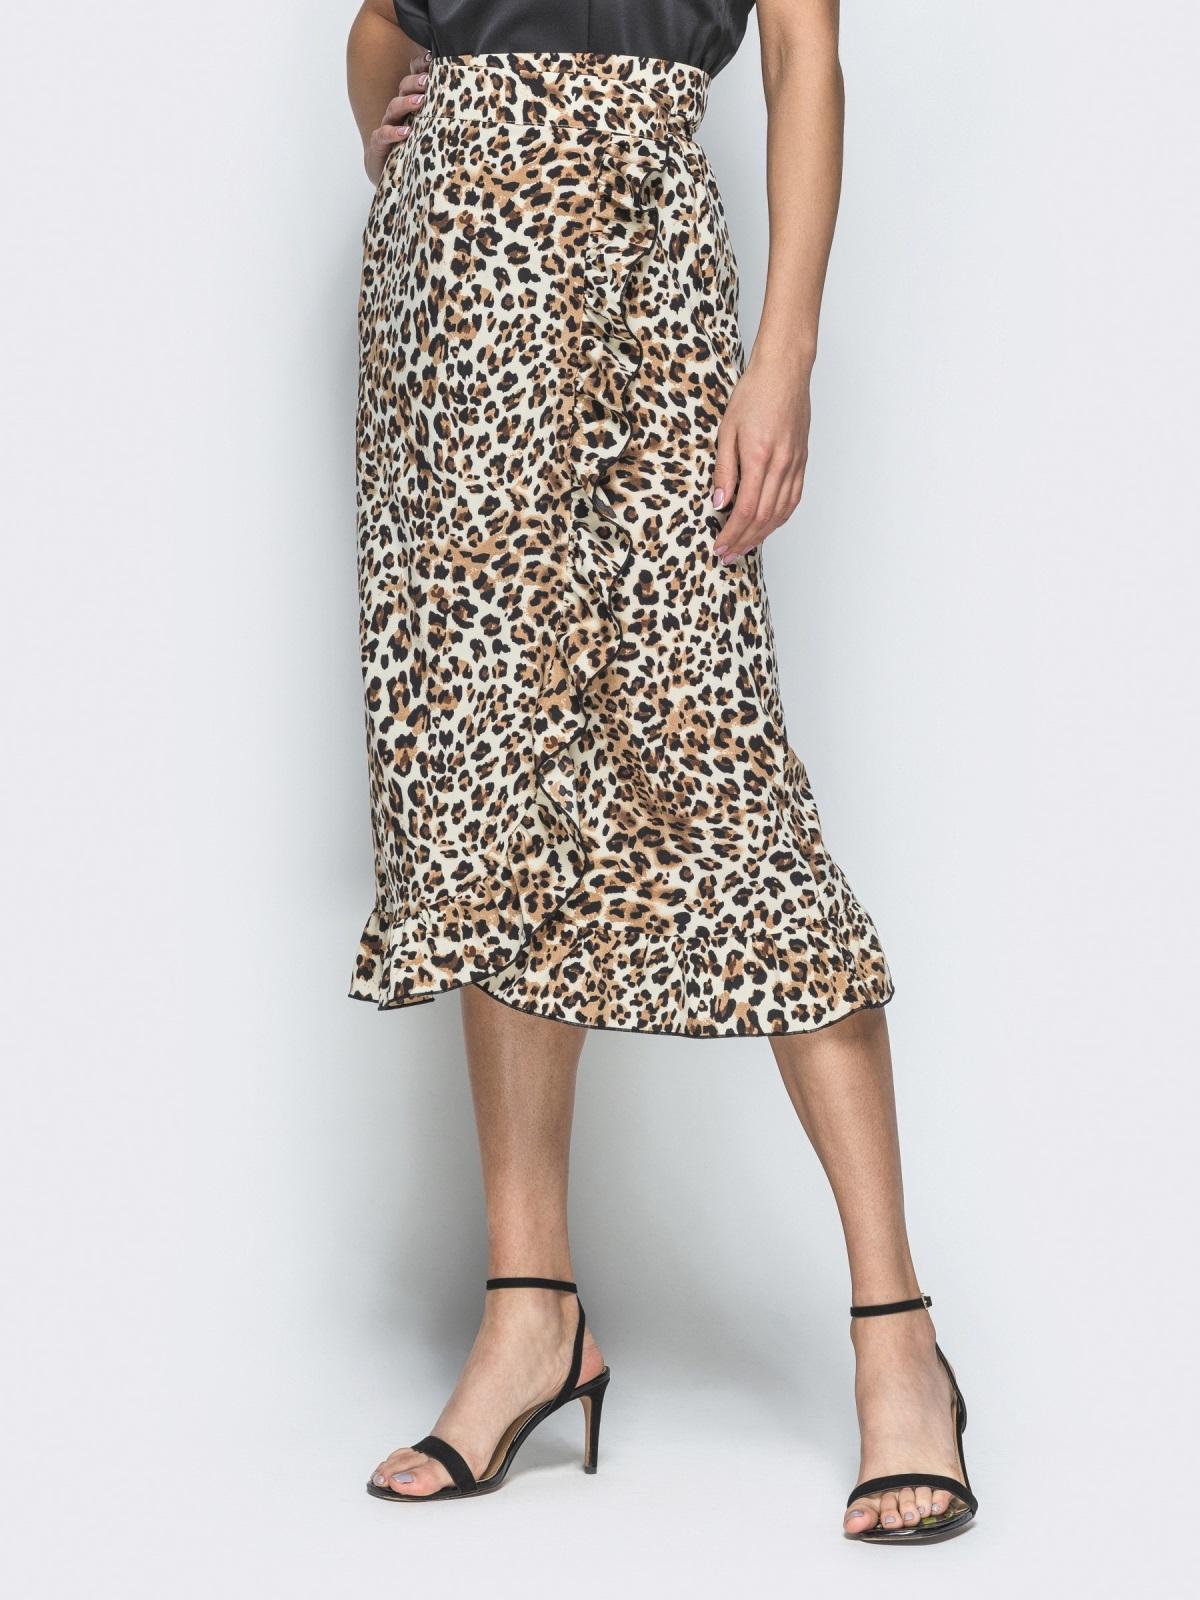 Юбка с анималистическим принтом на запах коричневая - 38421, фото 1 – интернет-магазин Dressa